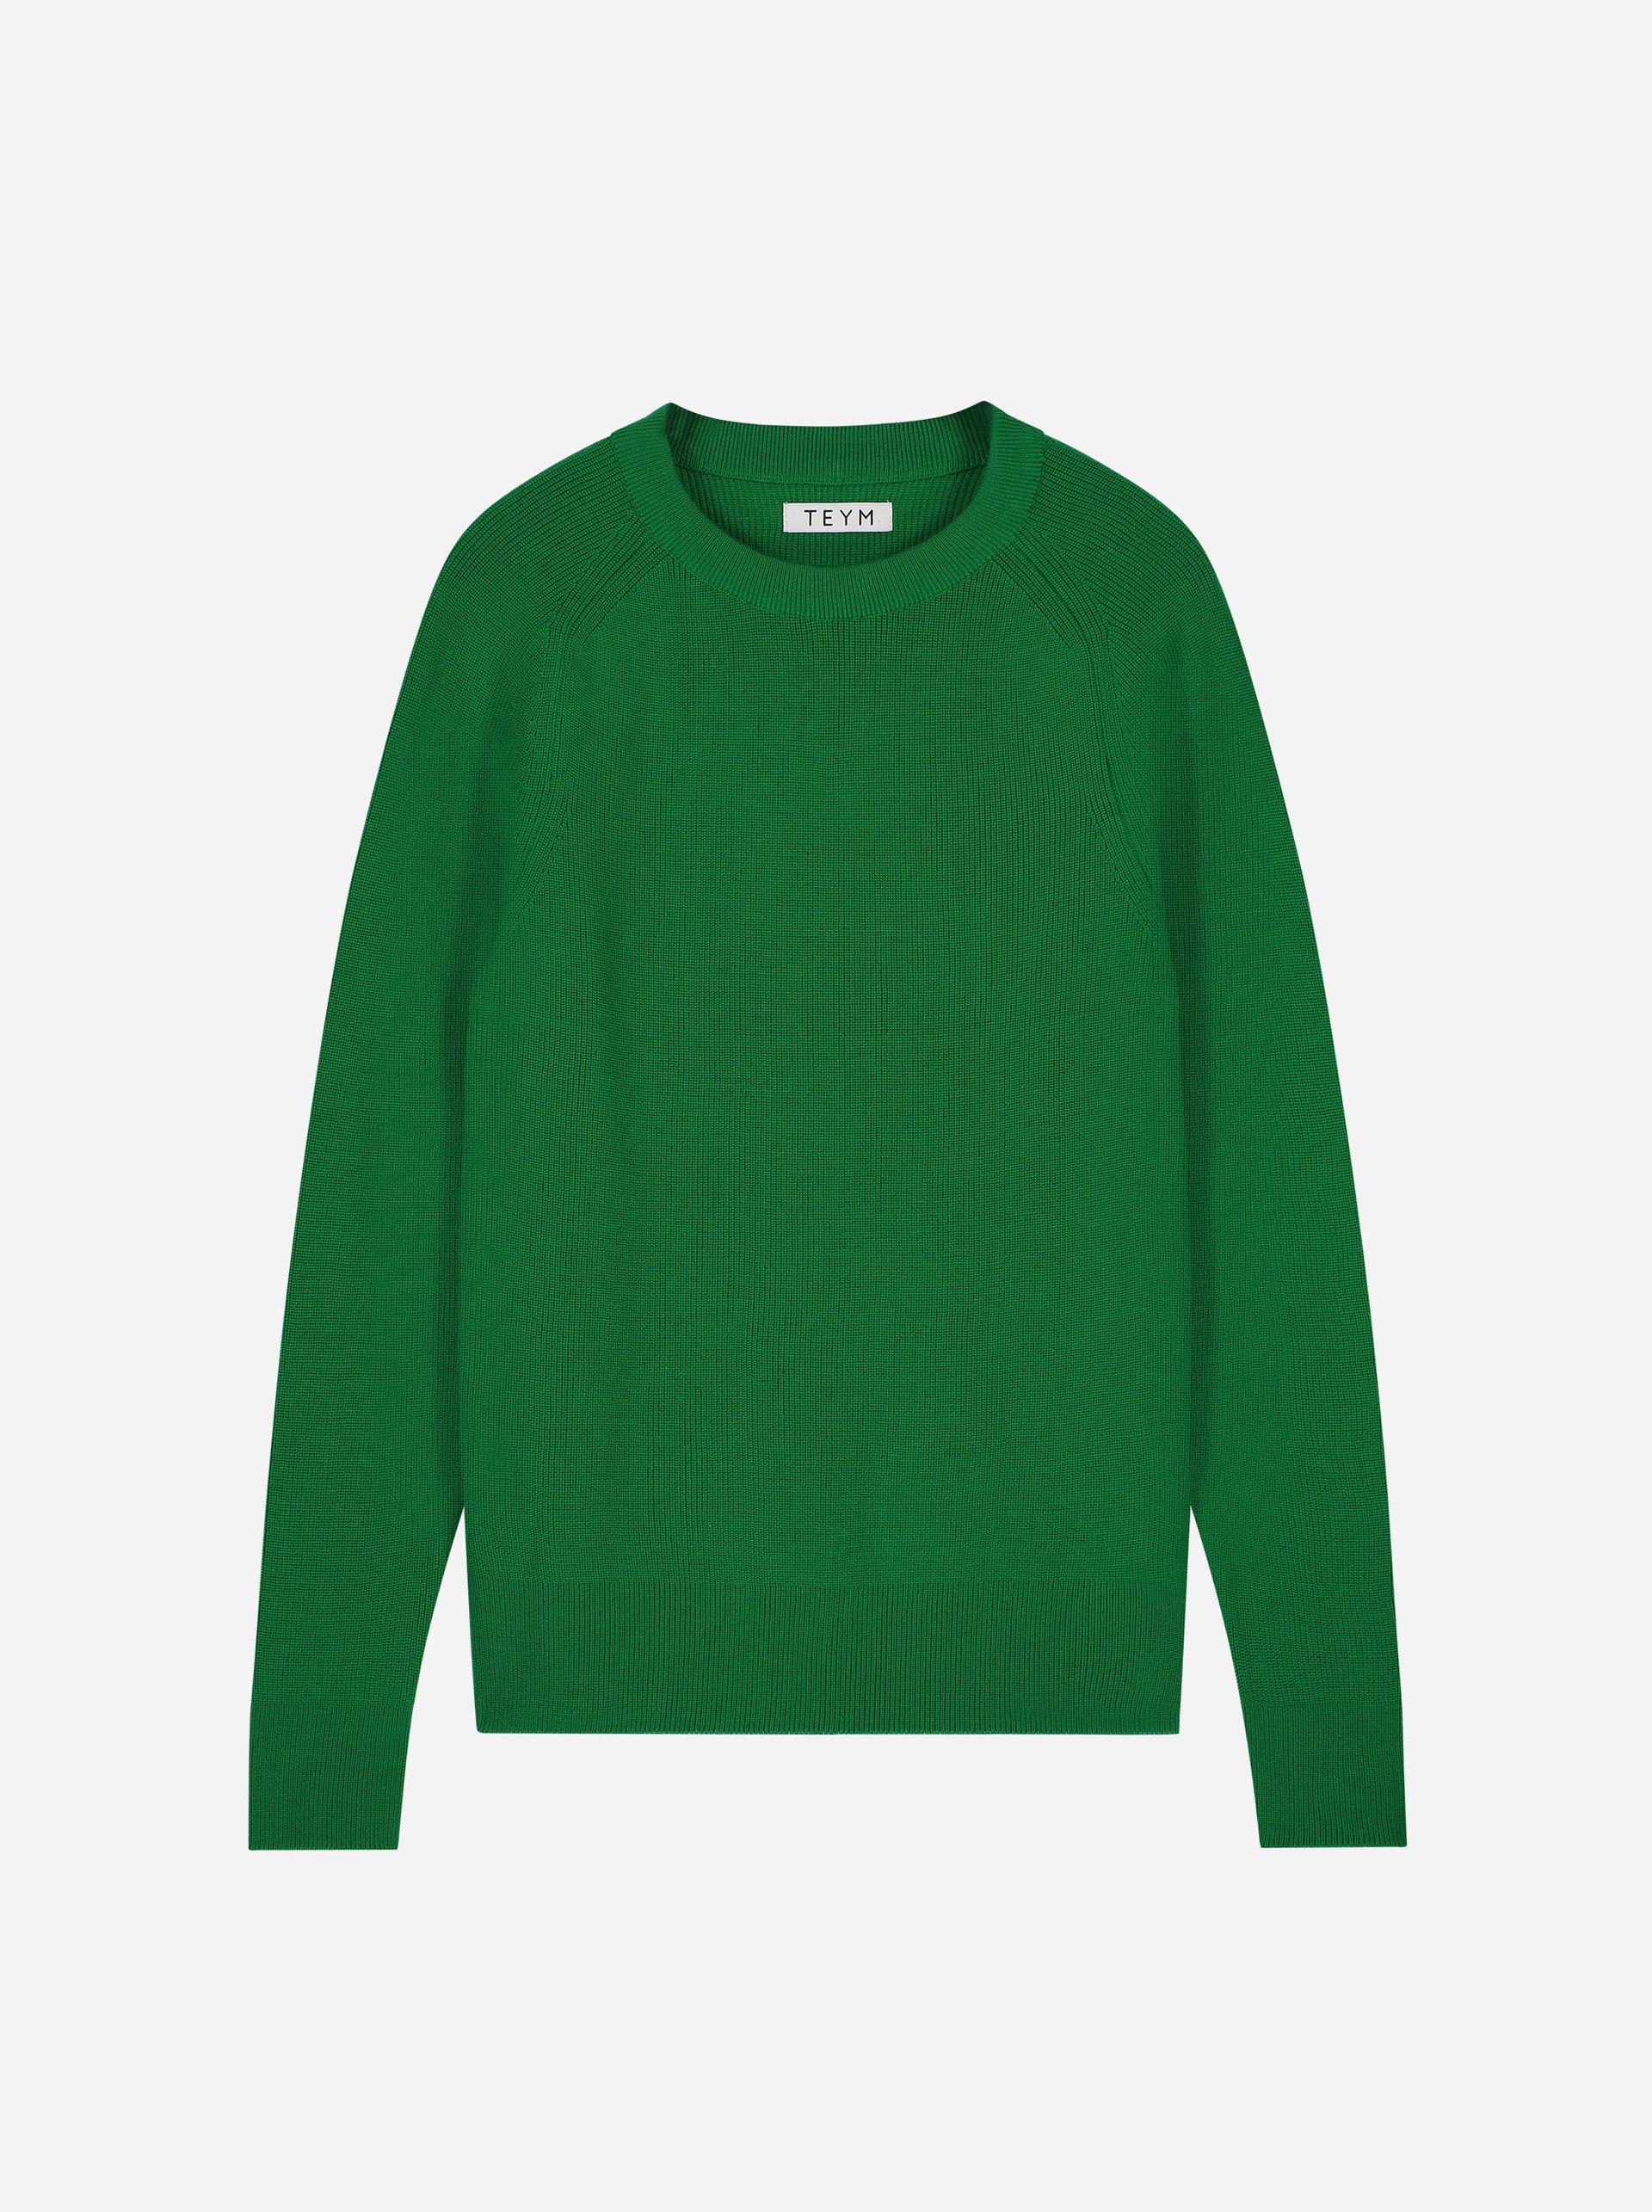 Teym - The Merino Sweater - Men - Bright Green - 4